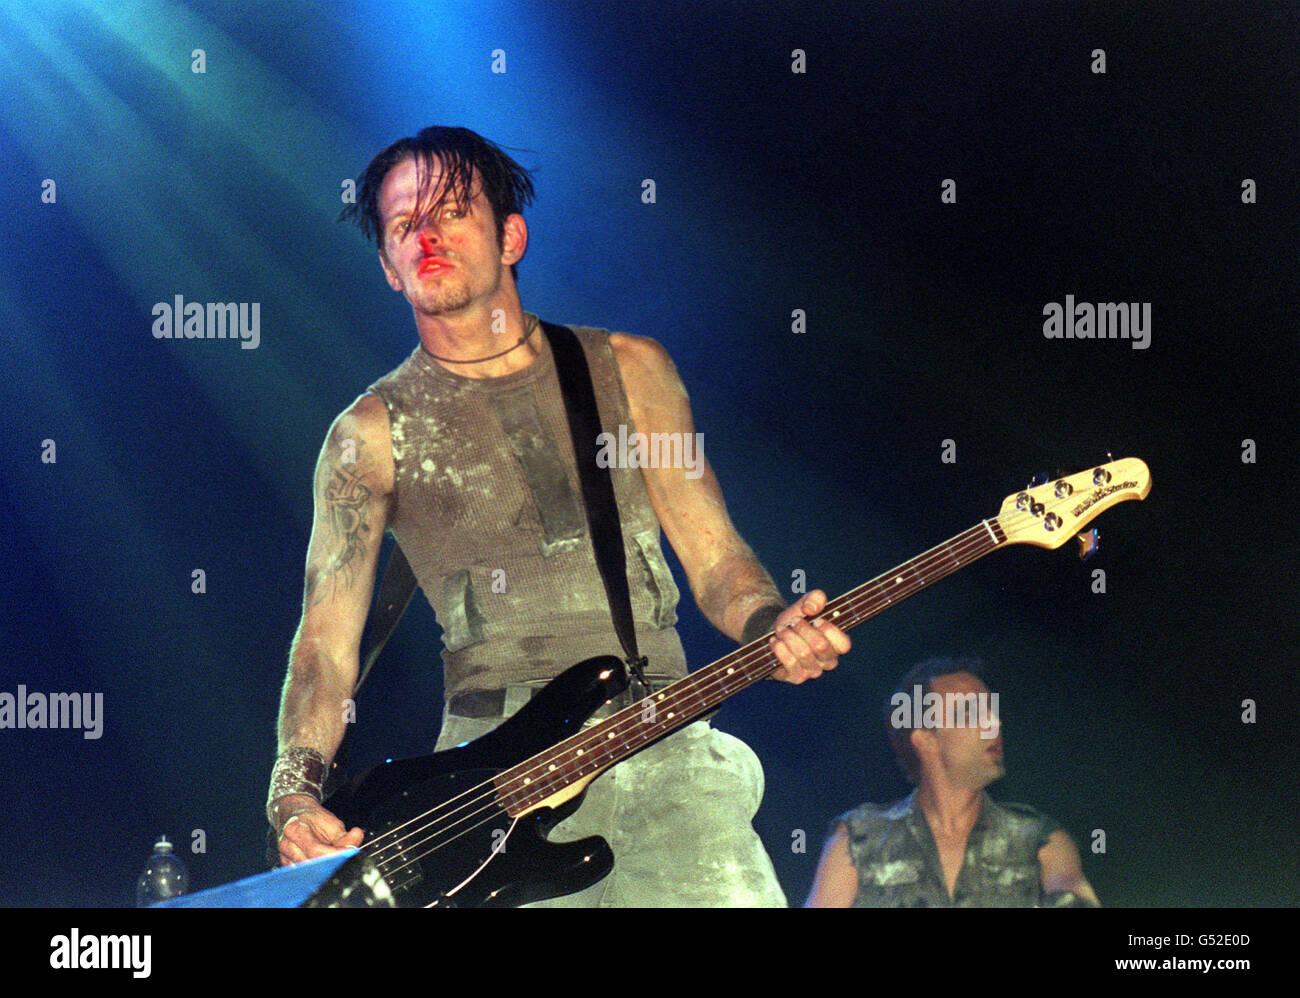 Glastonbury 2000 Nine Inch Nails - Stock Image